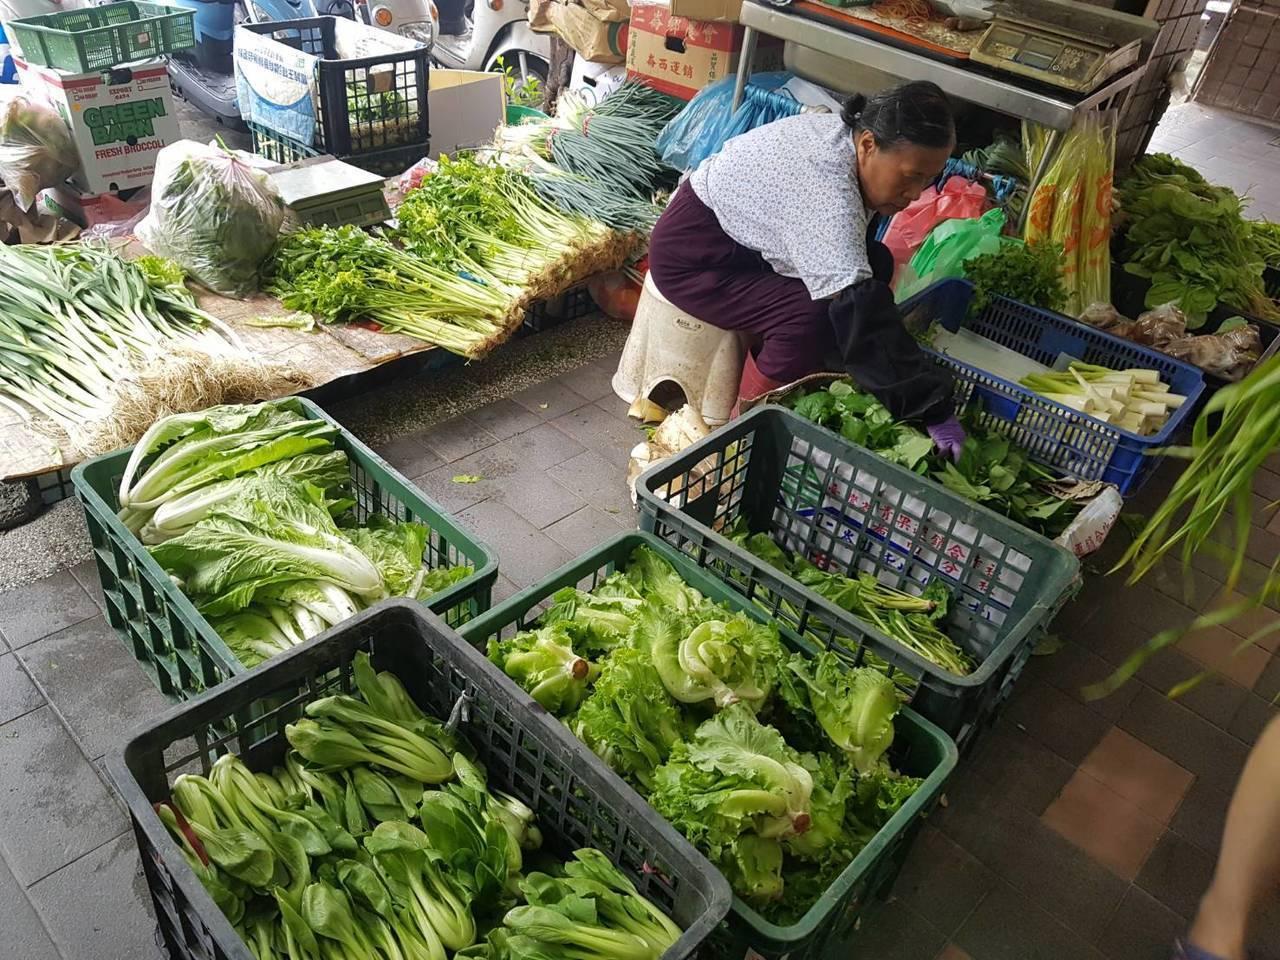 受豪雨影響,台北農產運銷公司本周蔬菜到貨量逐日遞減。圖/聯合報系資料照片